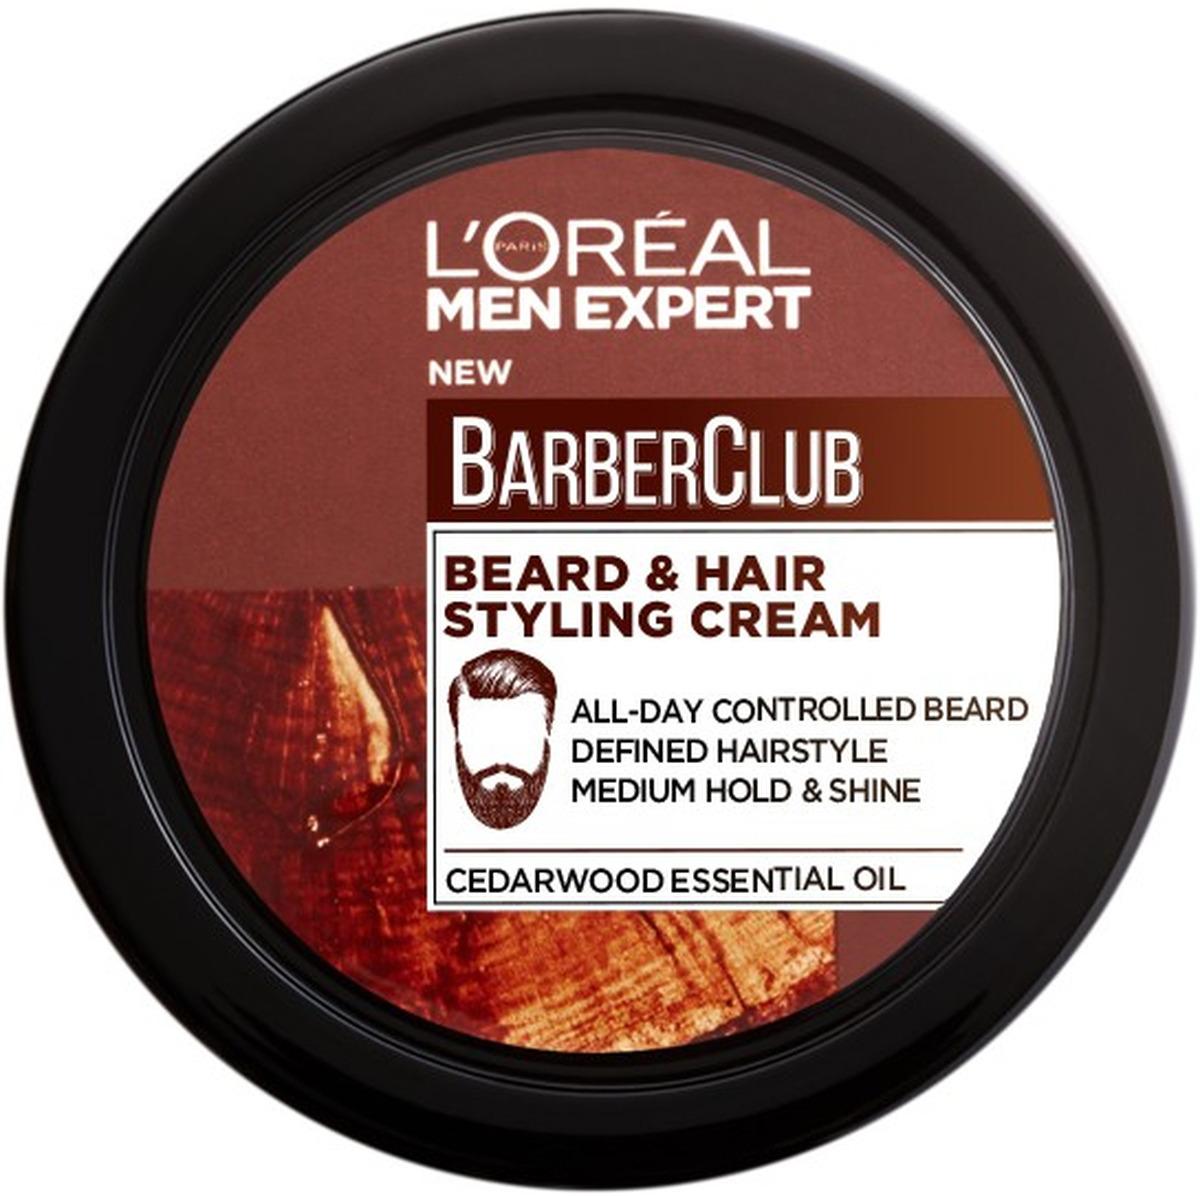 Крем-стайлинг для бороды и волос L'Oreal Paris Men Expert Barber Club, с маслом кедрового дерева, 75 мл недорого